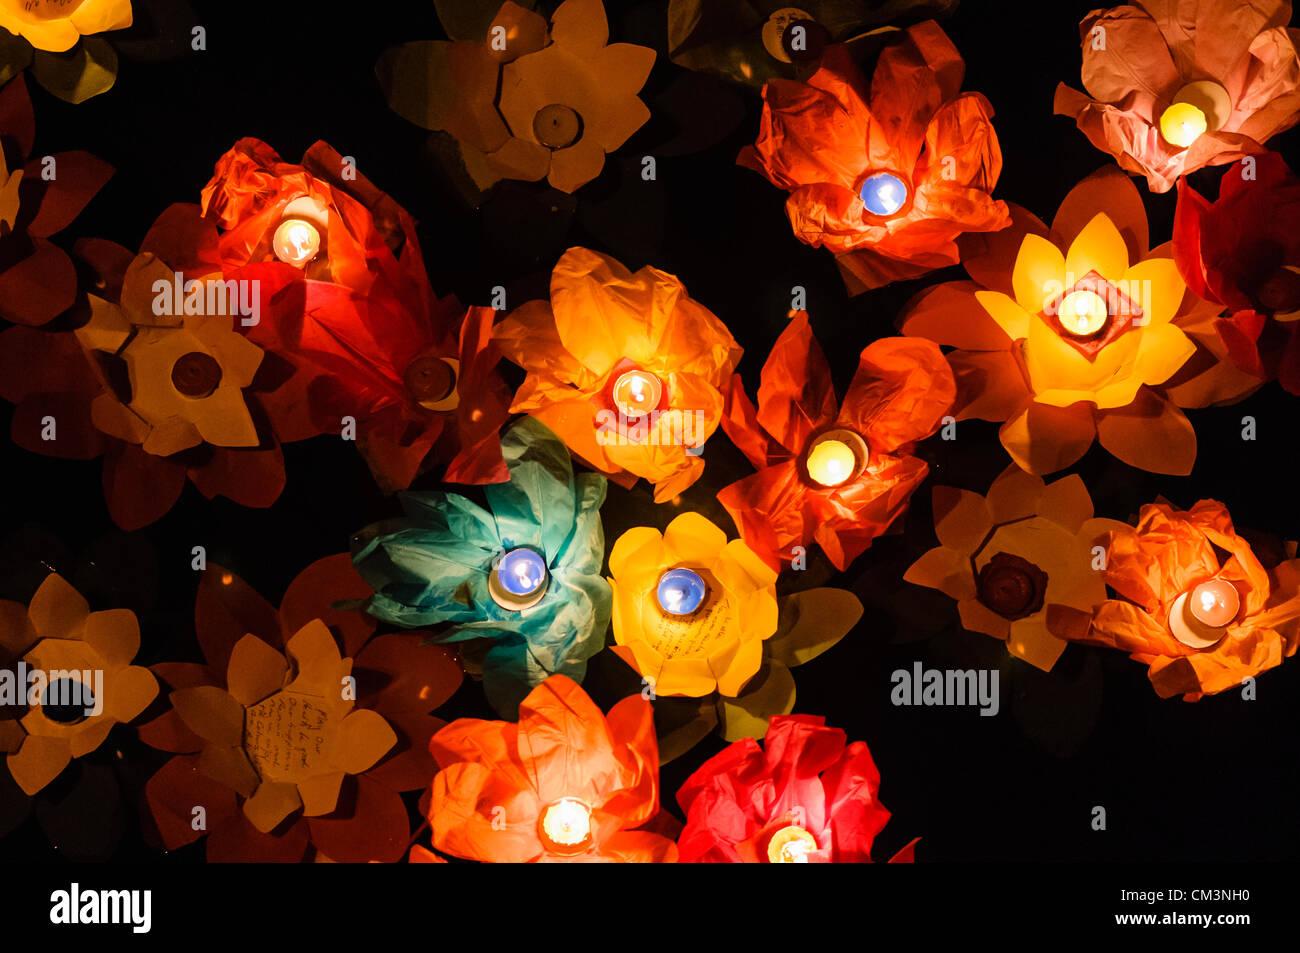 Flores de Loto de papel con velas flotando en un río de noche para marcar el Mid-Autumn Festival Chino Imagen De Stock